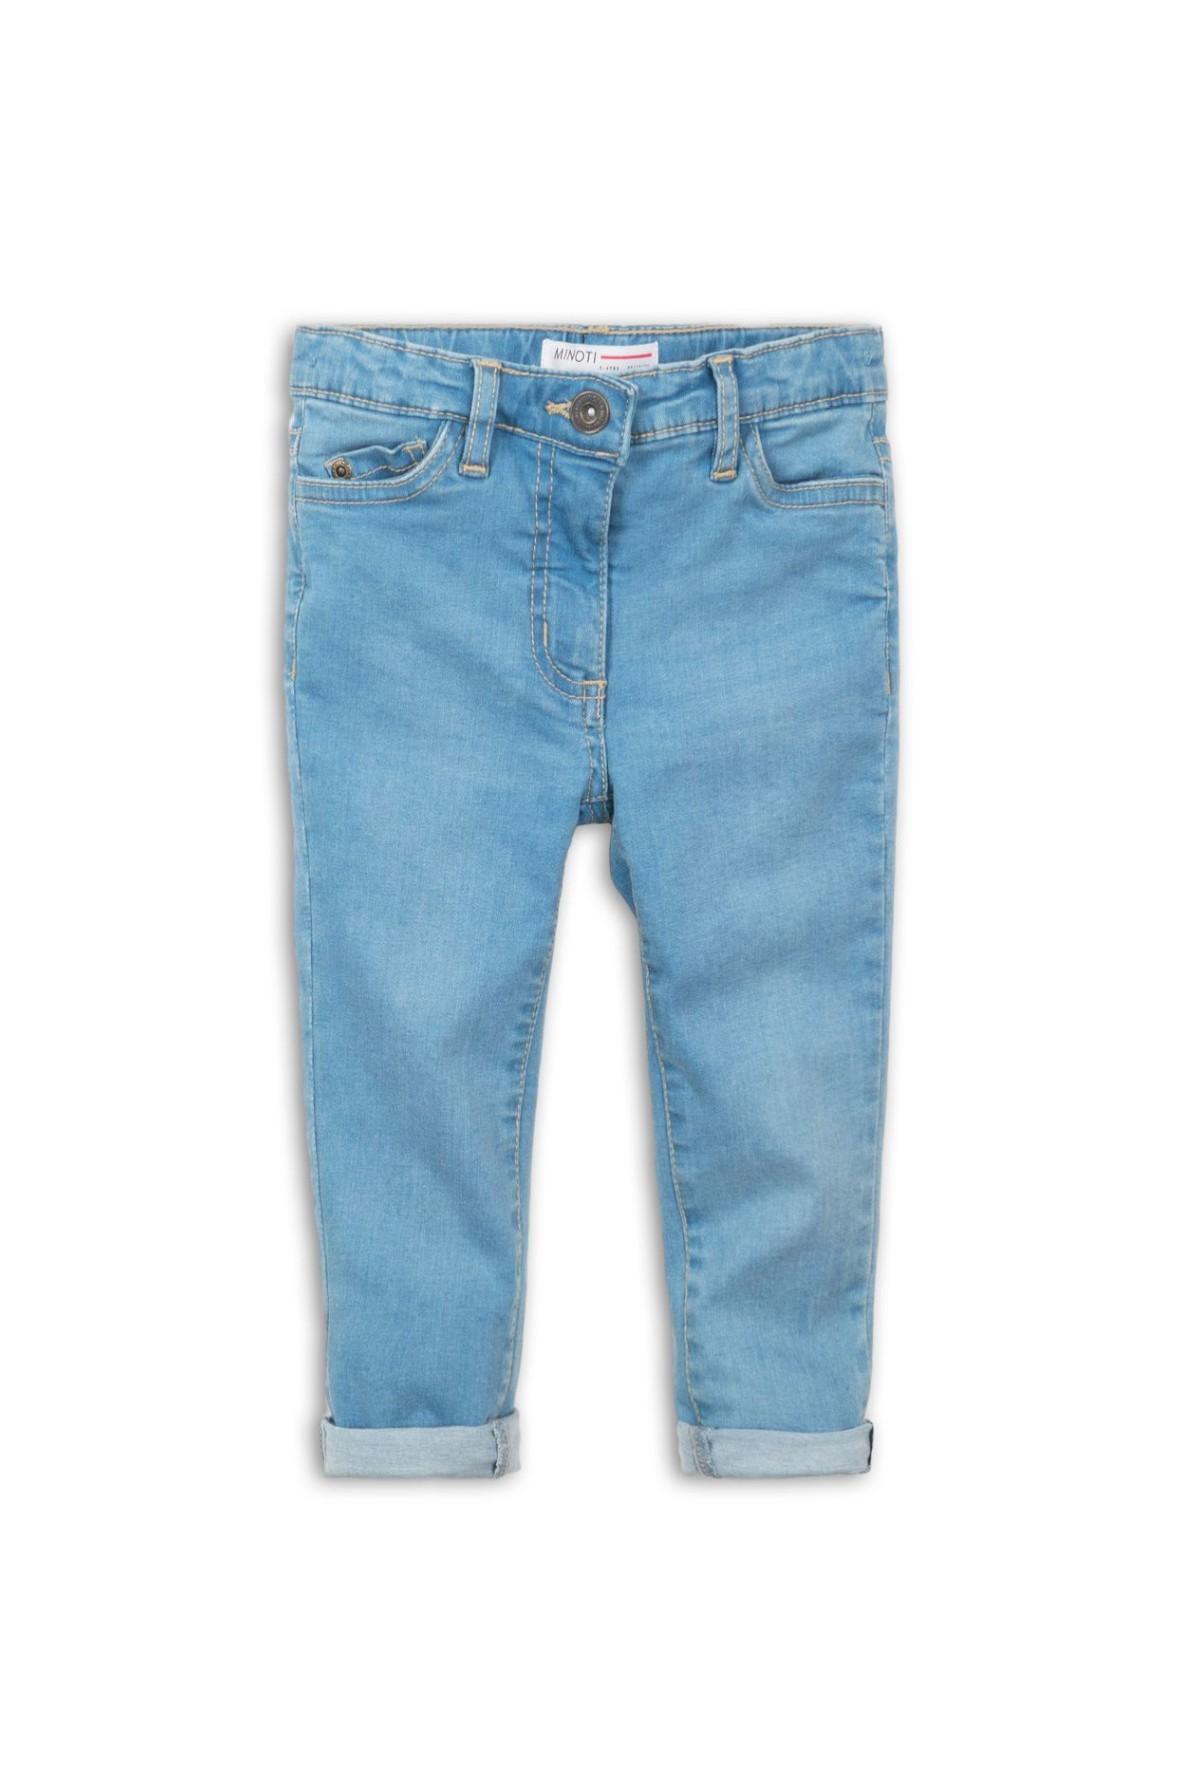 Spodnie dziewczęce jeansowe- niebieskie rozm 92/98